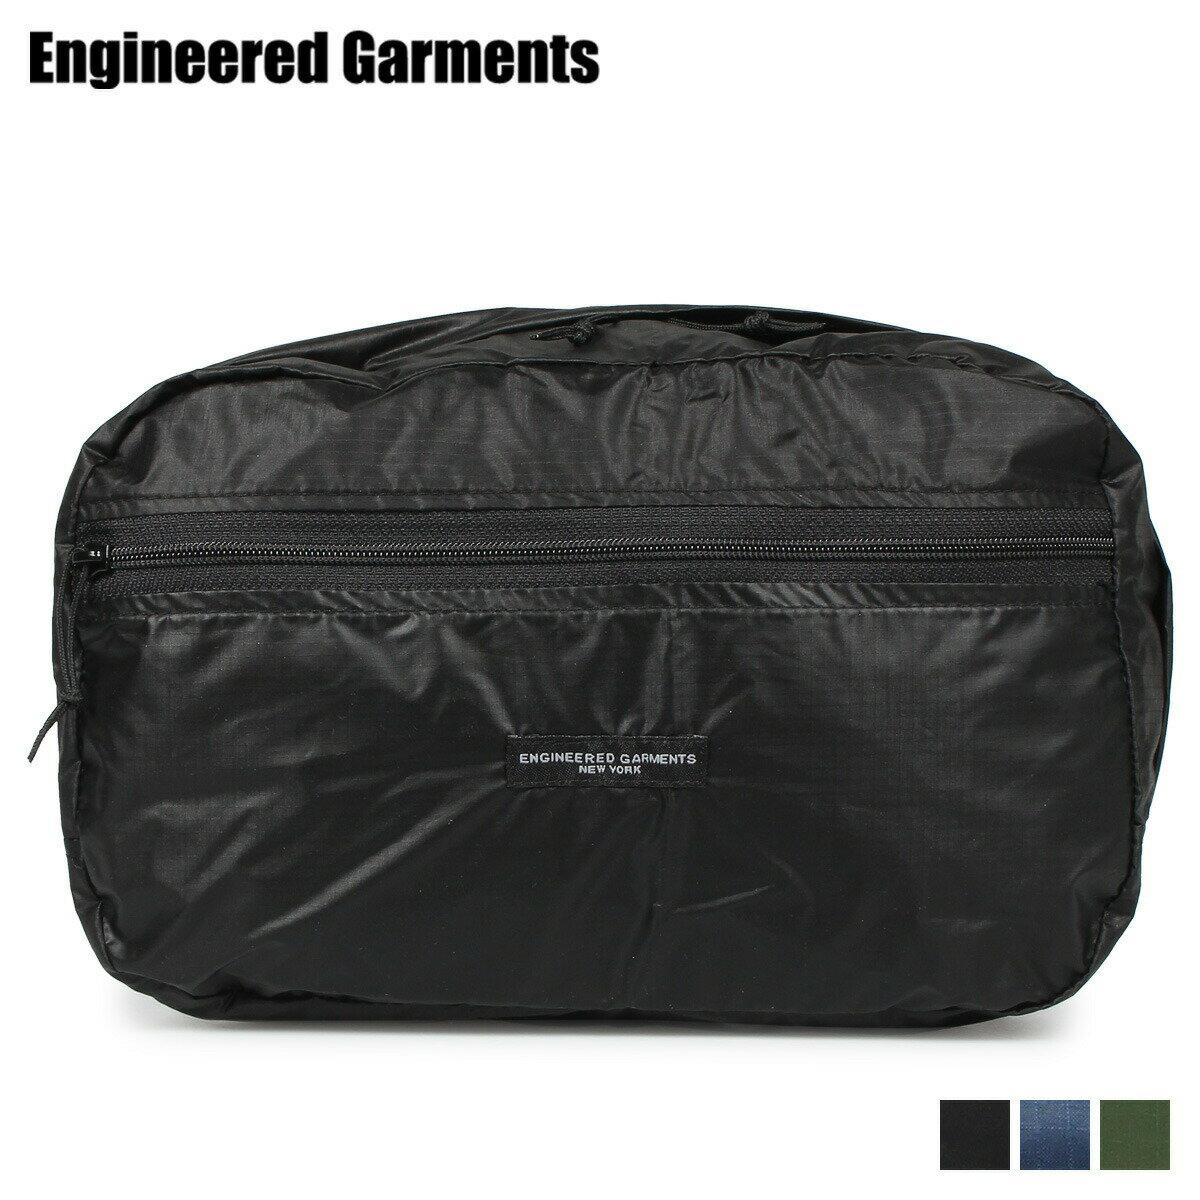 男女兼用バッグ, ボディバッグ・ウエストポーチ ENGINEERED GARMENTS UL WAISTPACK 19FH021